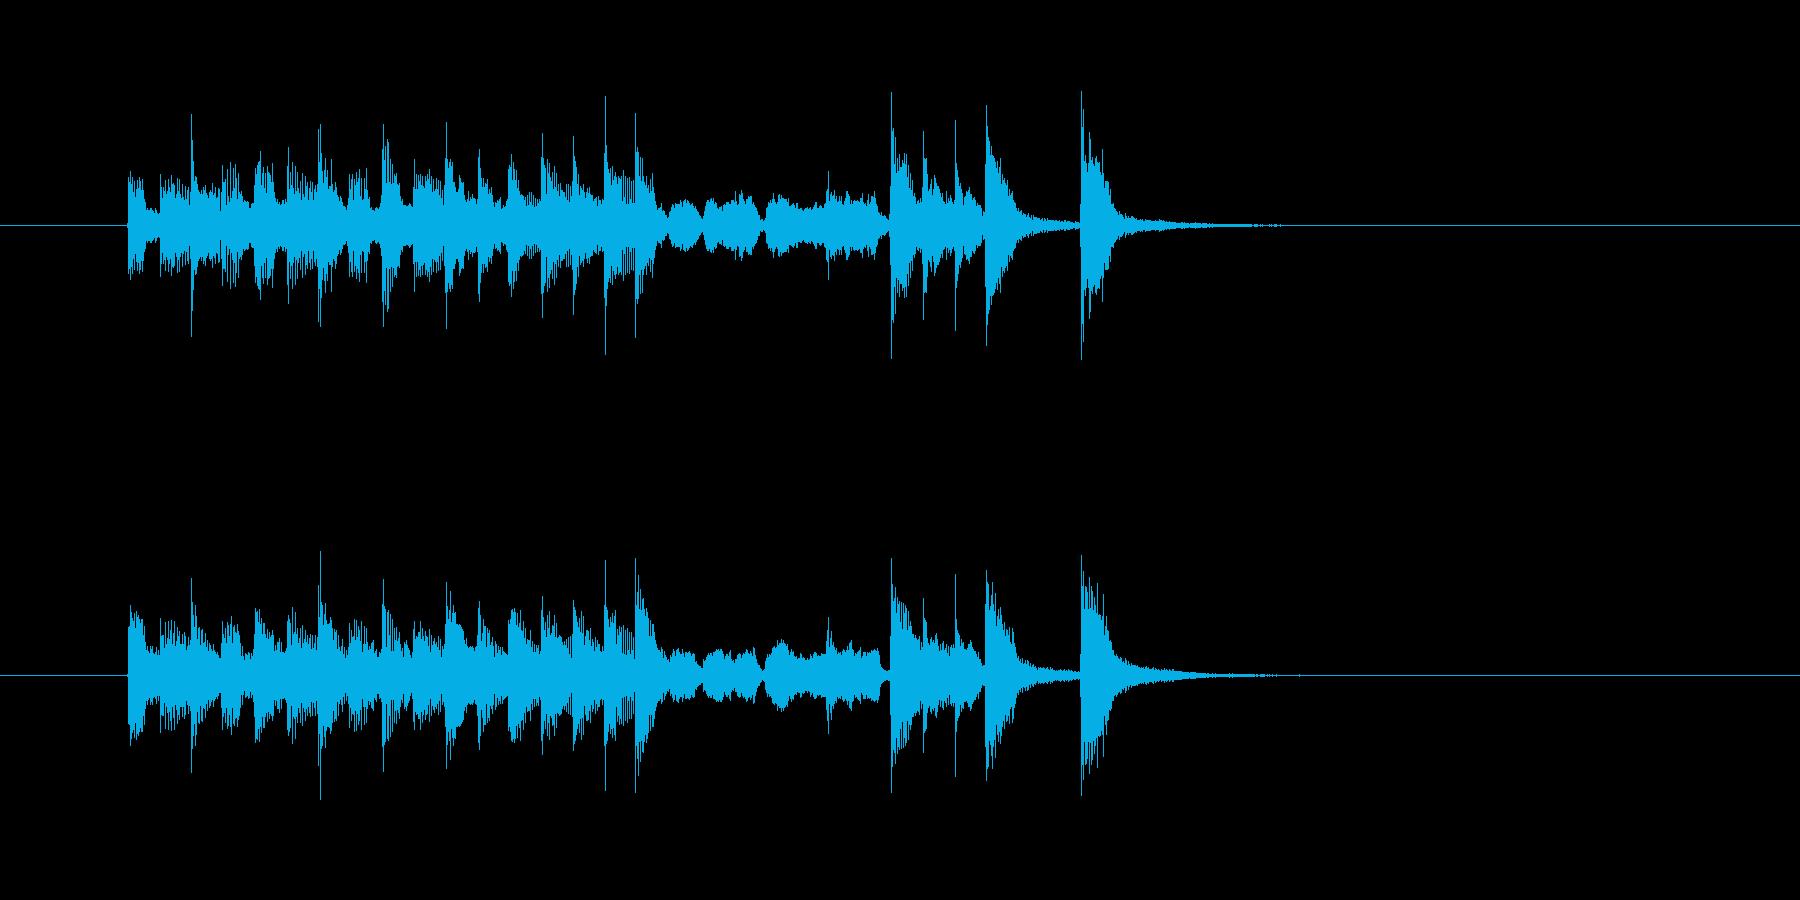 コミカル トランペット 明るい 楽しい の再生済みの波形